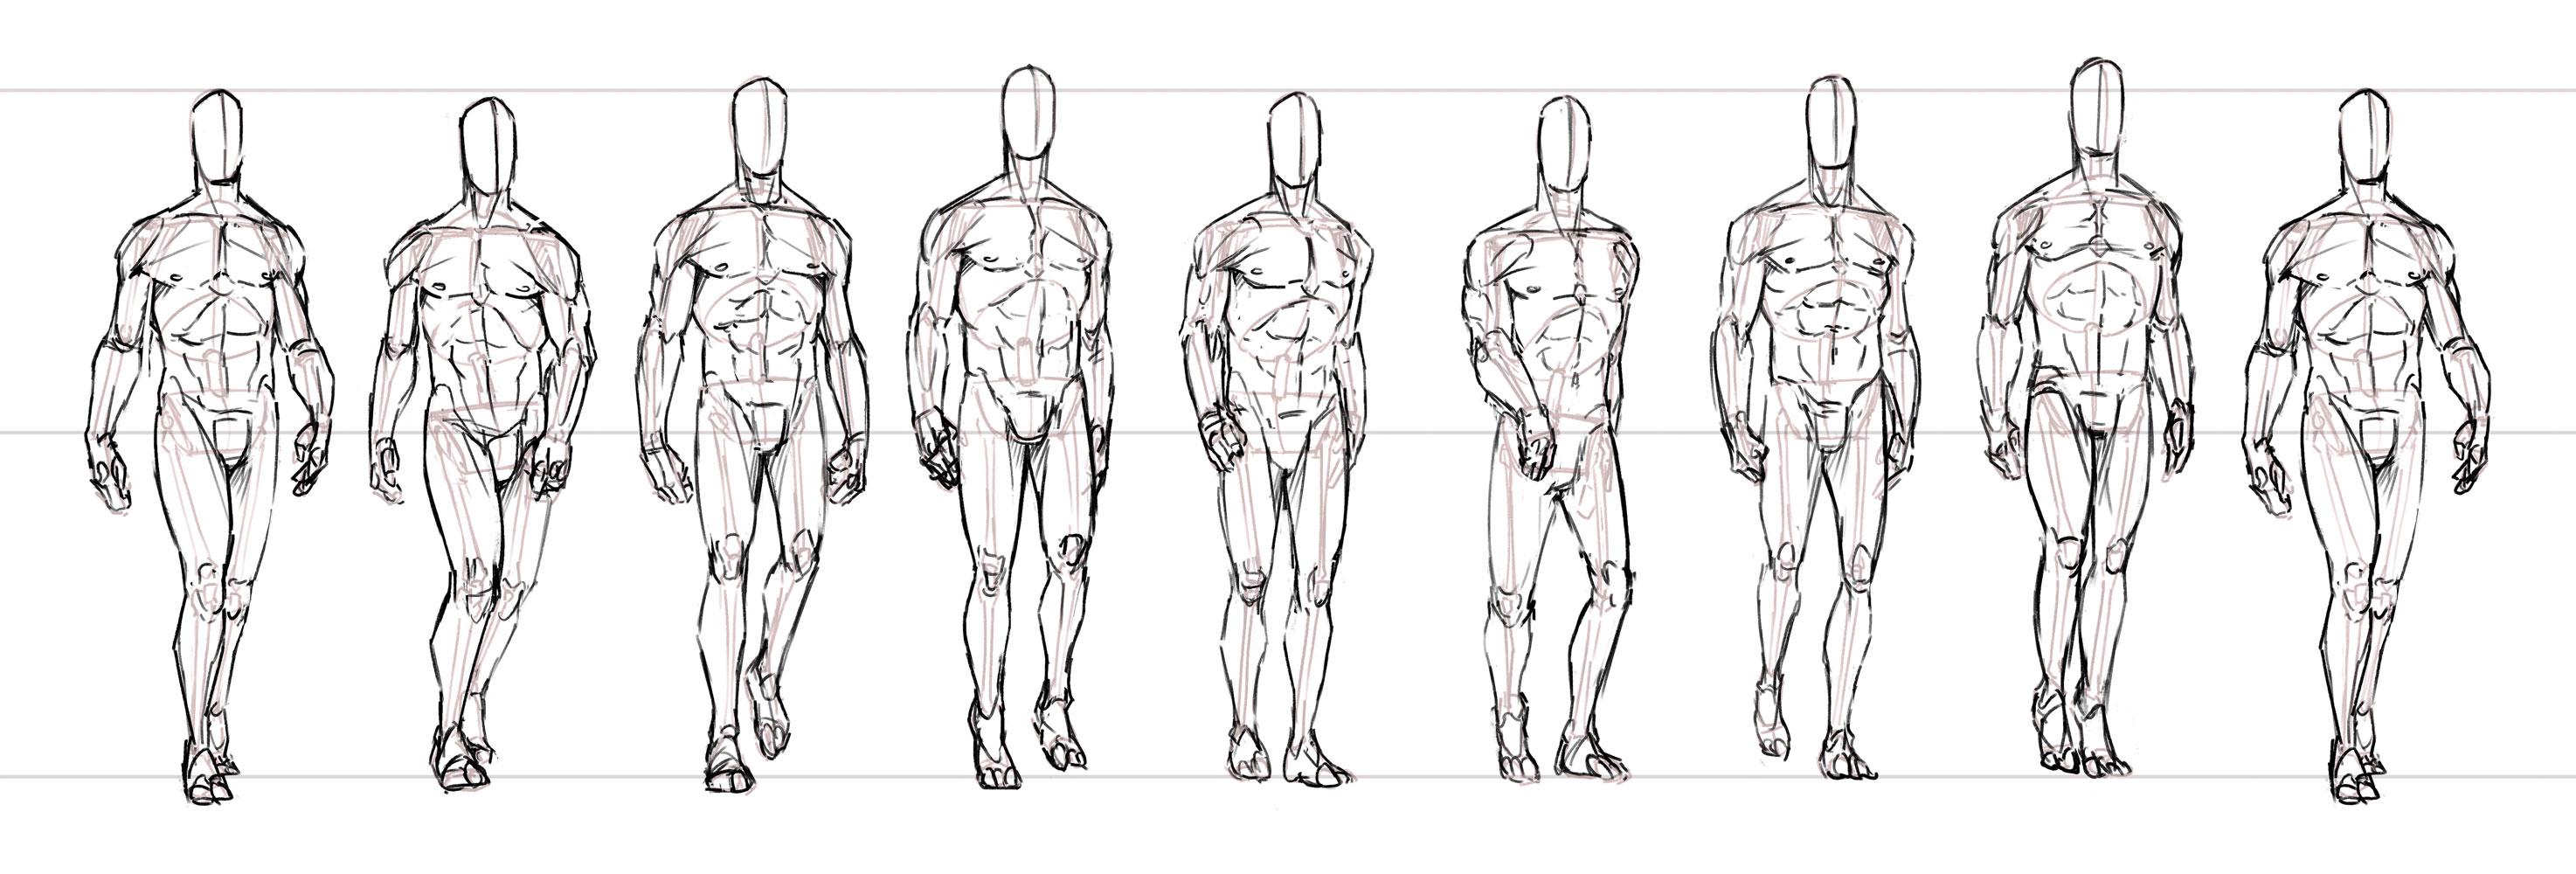 Comment dessiner un personnage en train de marcher - Comment dessiner un train ...